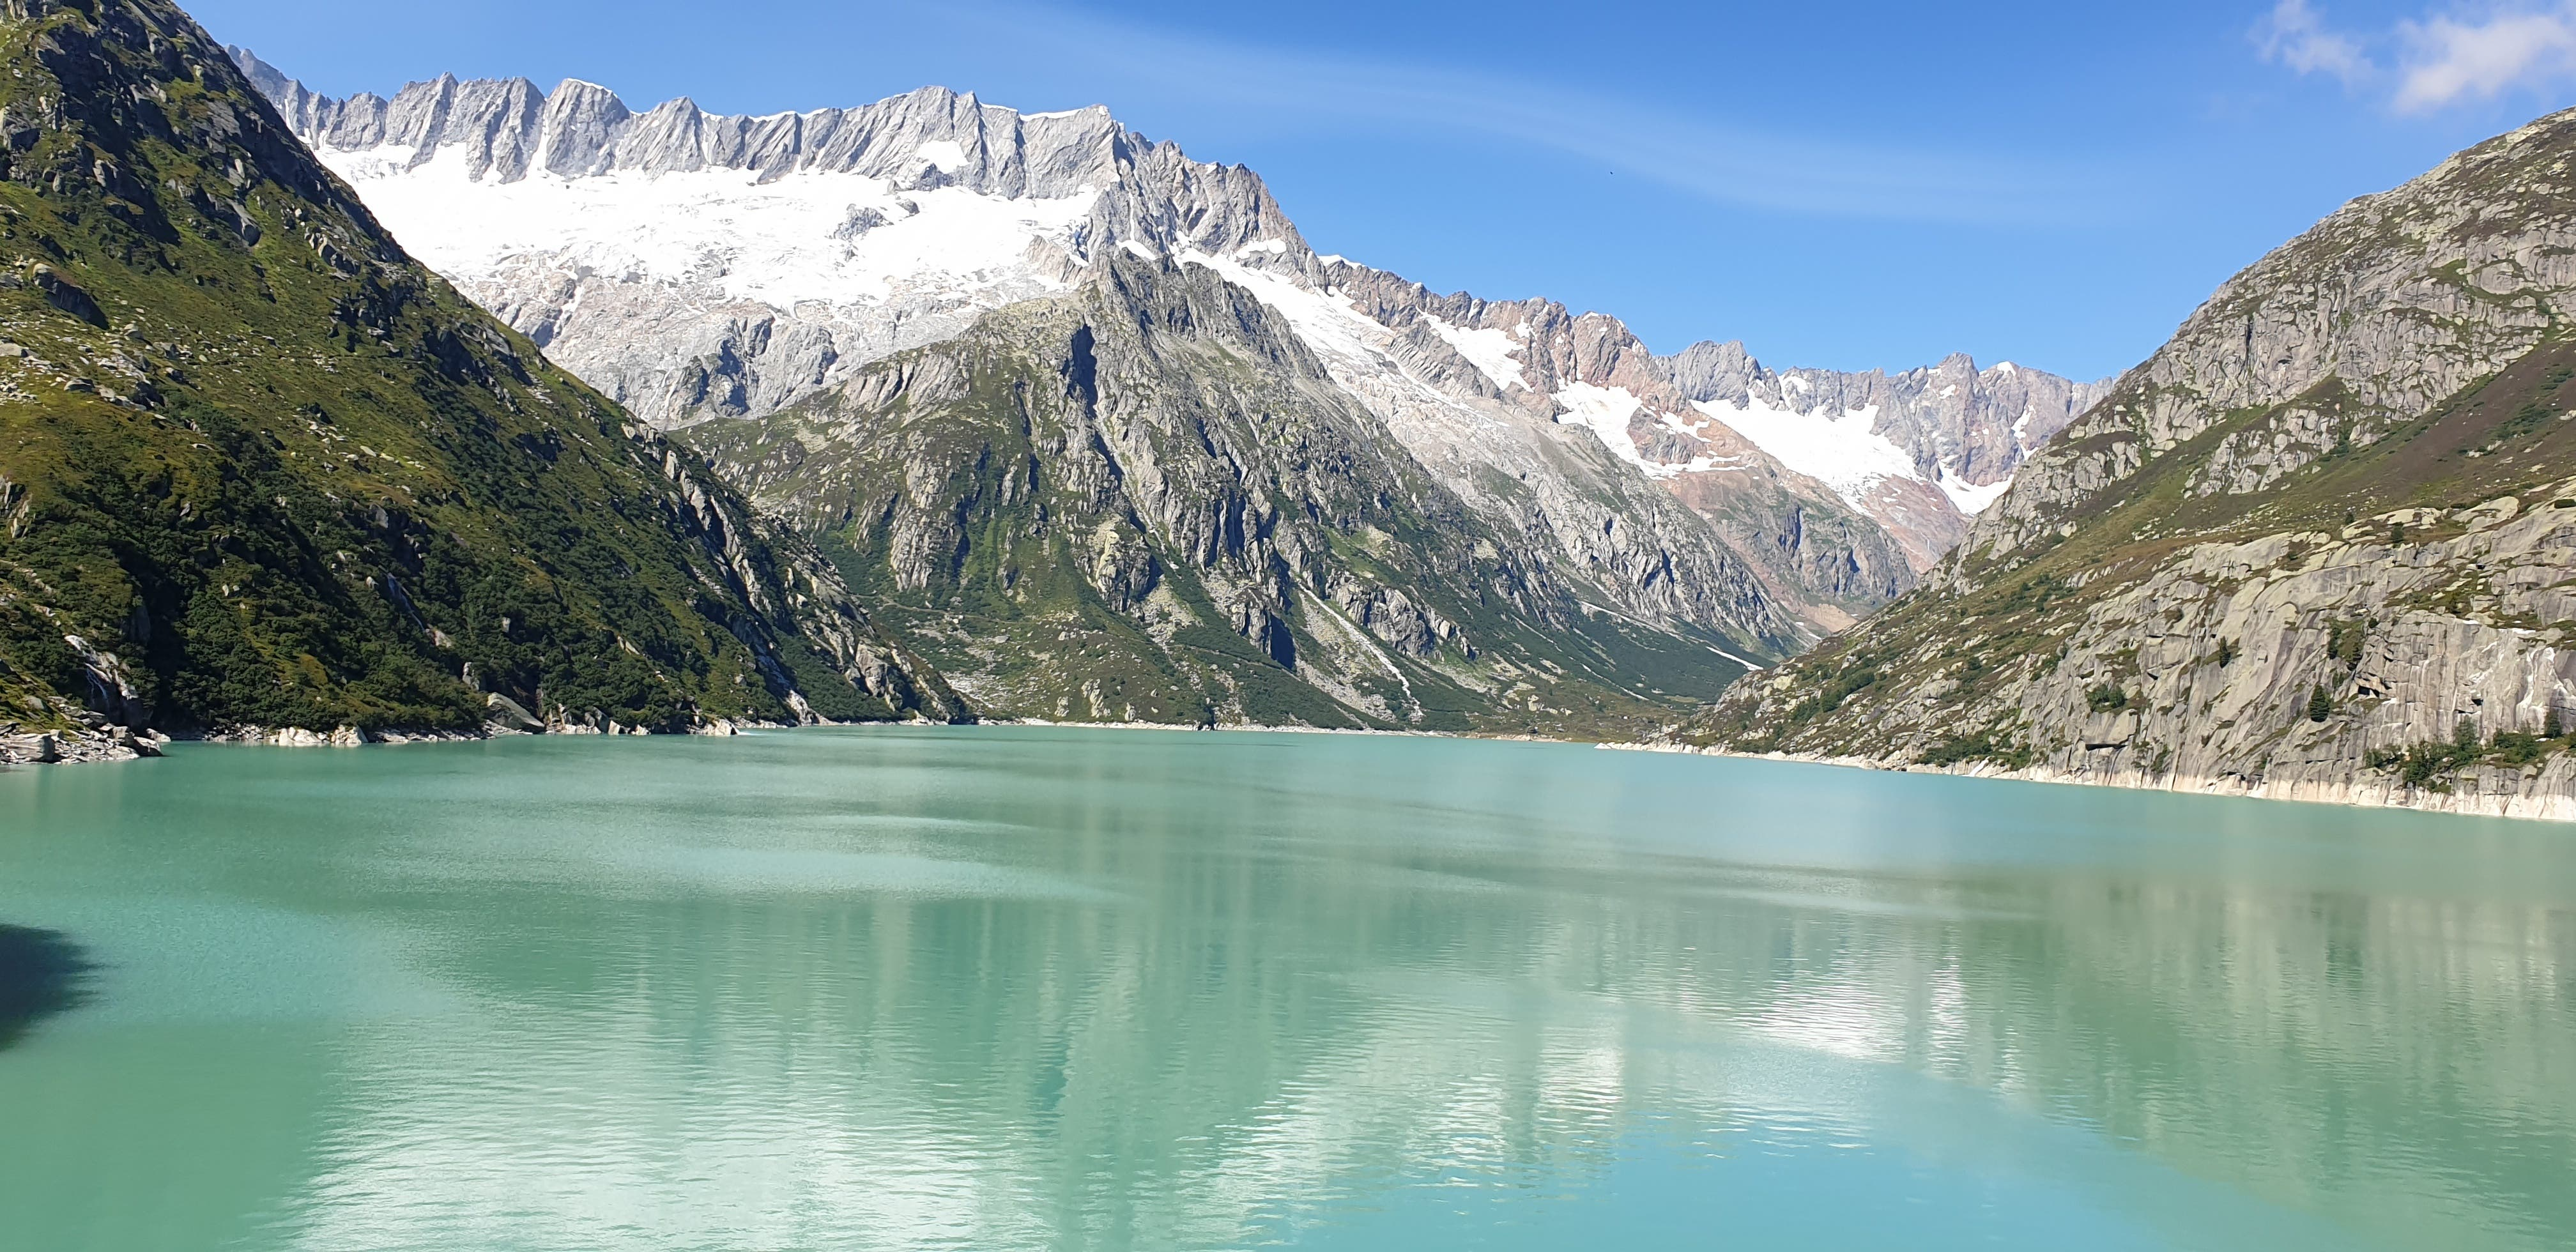 Vom Staudamm aus herrlicher Blick Richtung Dammagletscher